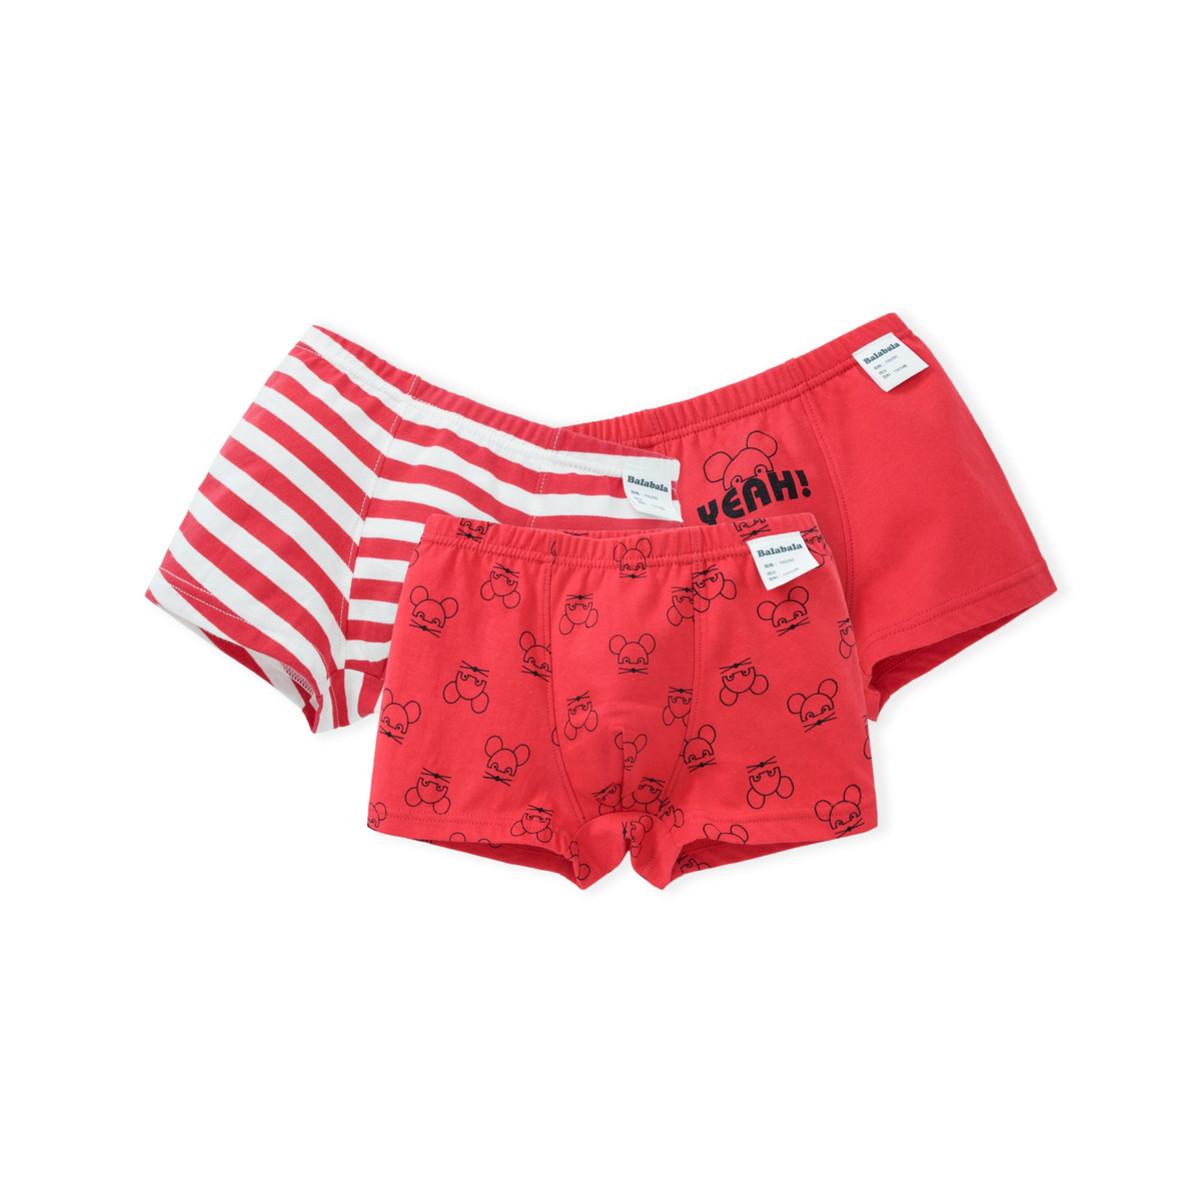 巴拉巴拉巴拉巴拉儿童内裤男童平角裤春新款四角短裤小童本命年红色3条装28C7012013060362